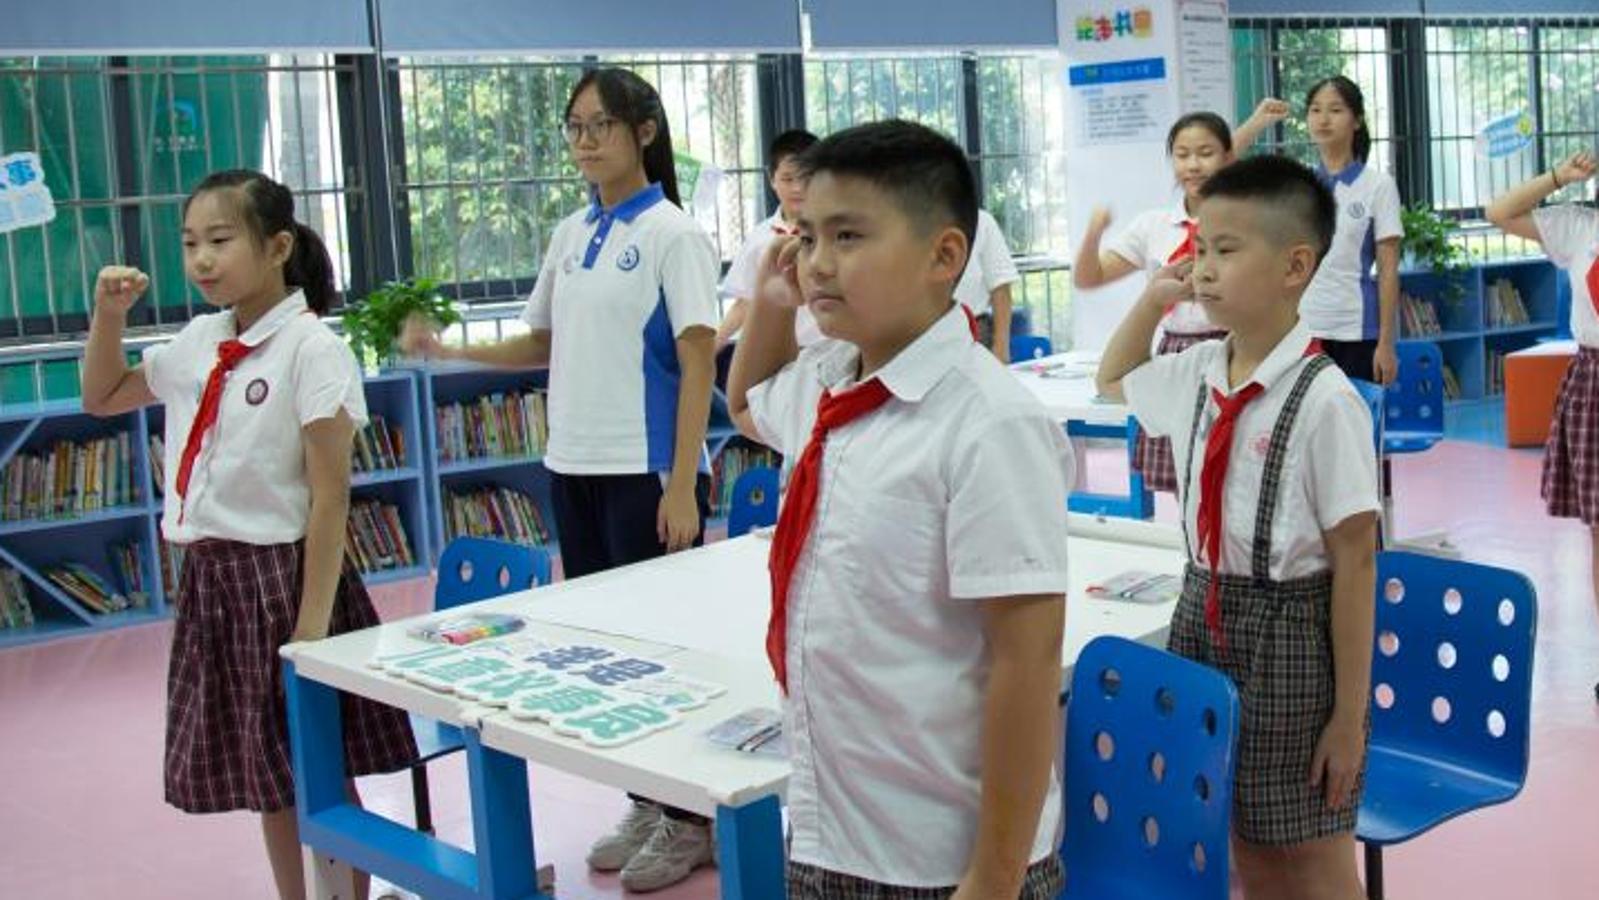 """让孩子成长为睿智的社会公民 福田12名儿童被聘为""""文明小顾问"""""""